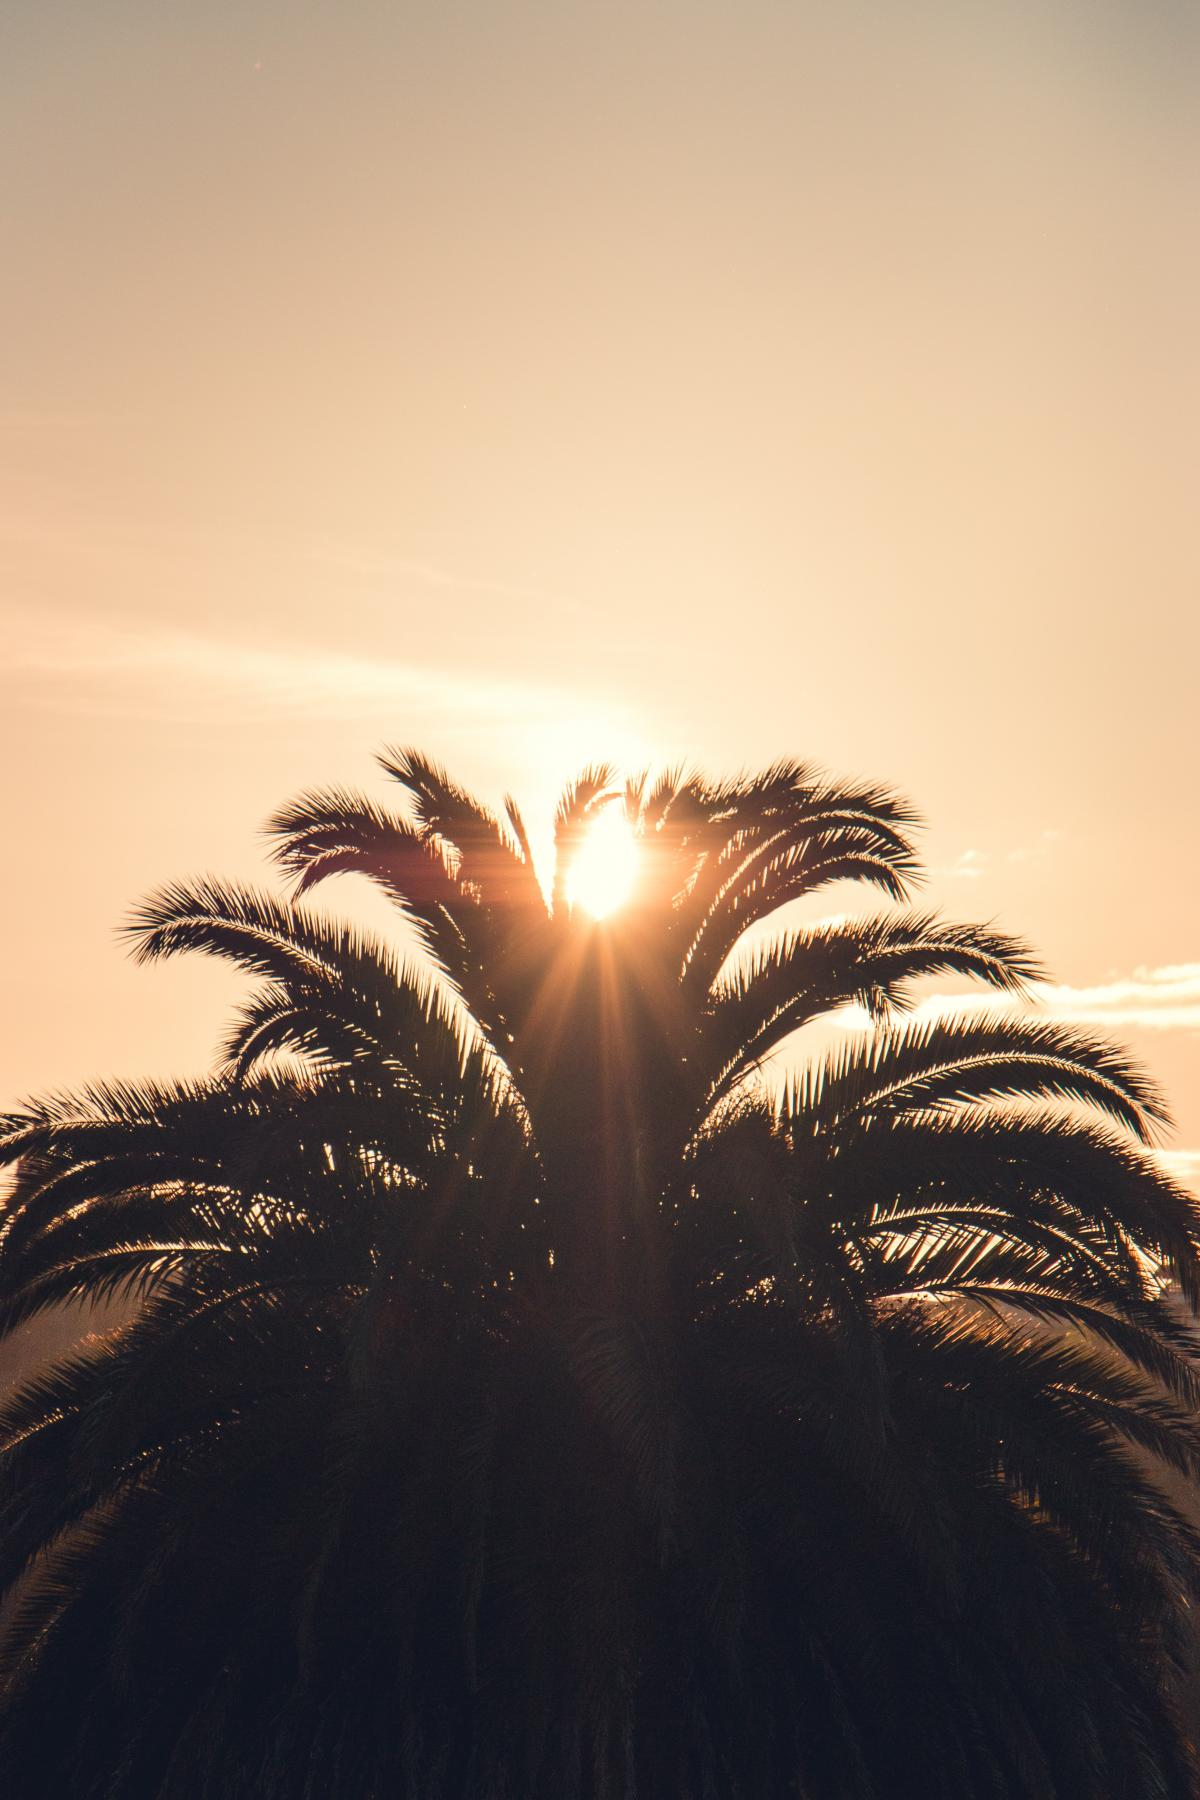 Palm Cactus Tree